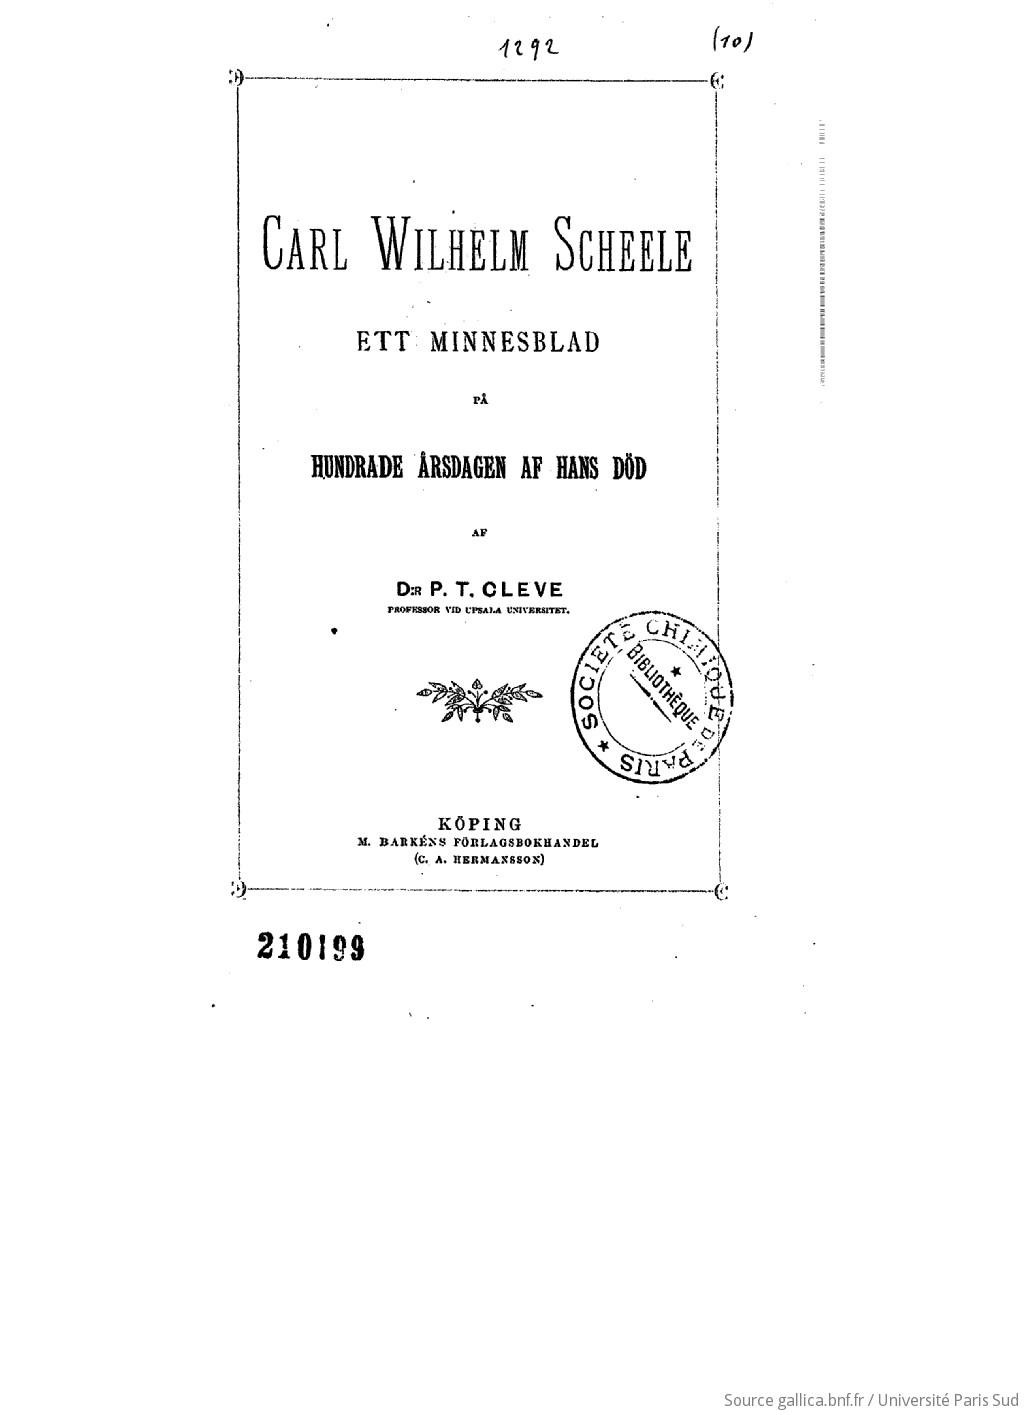 Carl Wilhlem Scheele ett minnesblad på hundrade årsdagen af hans död